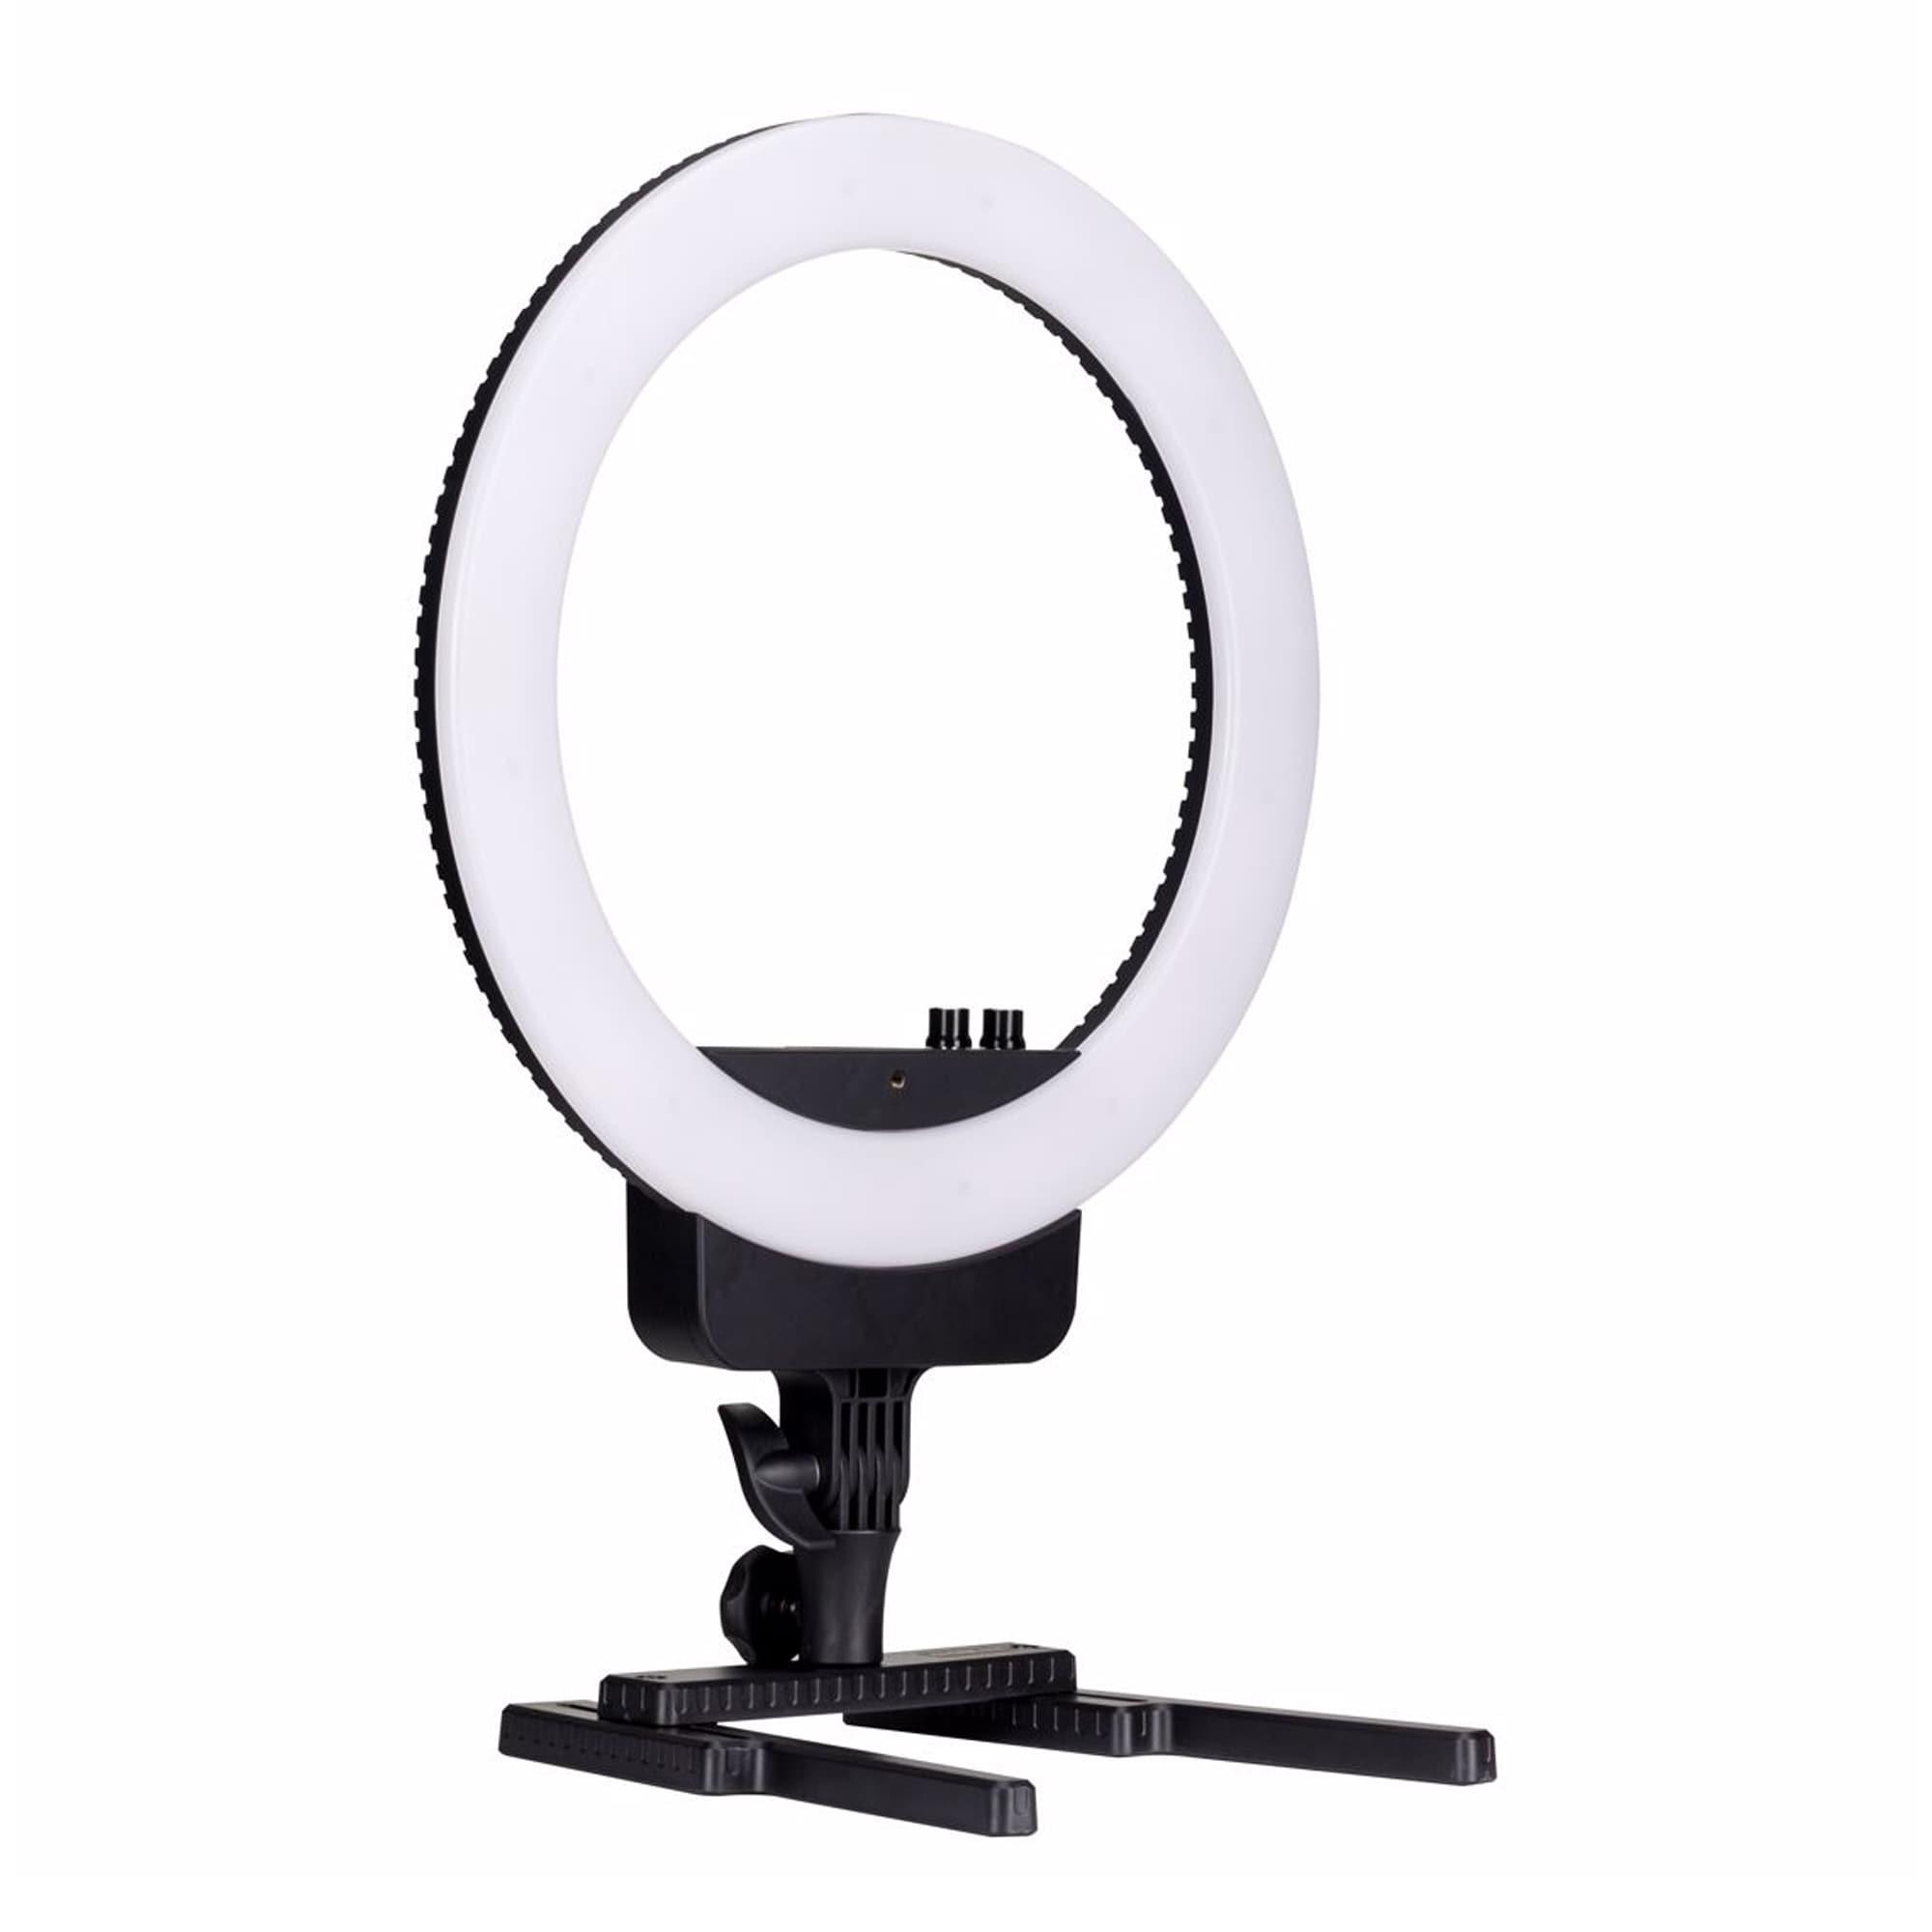 Nanlite Halo16 LED Ring Light